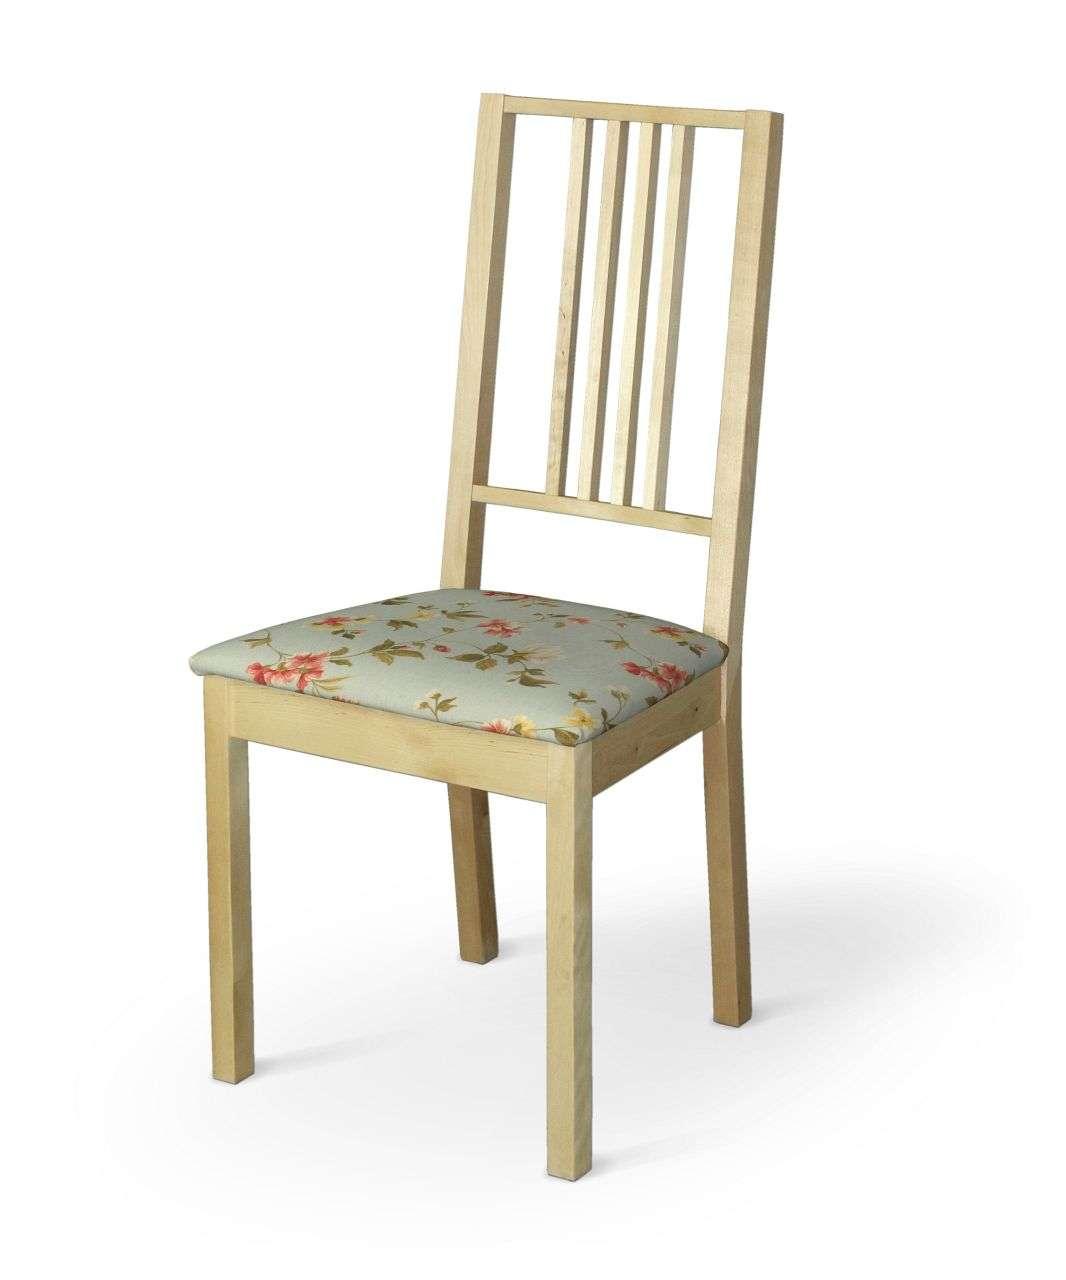 Pokrowiec na siedzisko Börje siedzisko Börje w kolekcji Londres, tkanina: 124-65